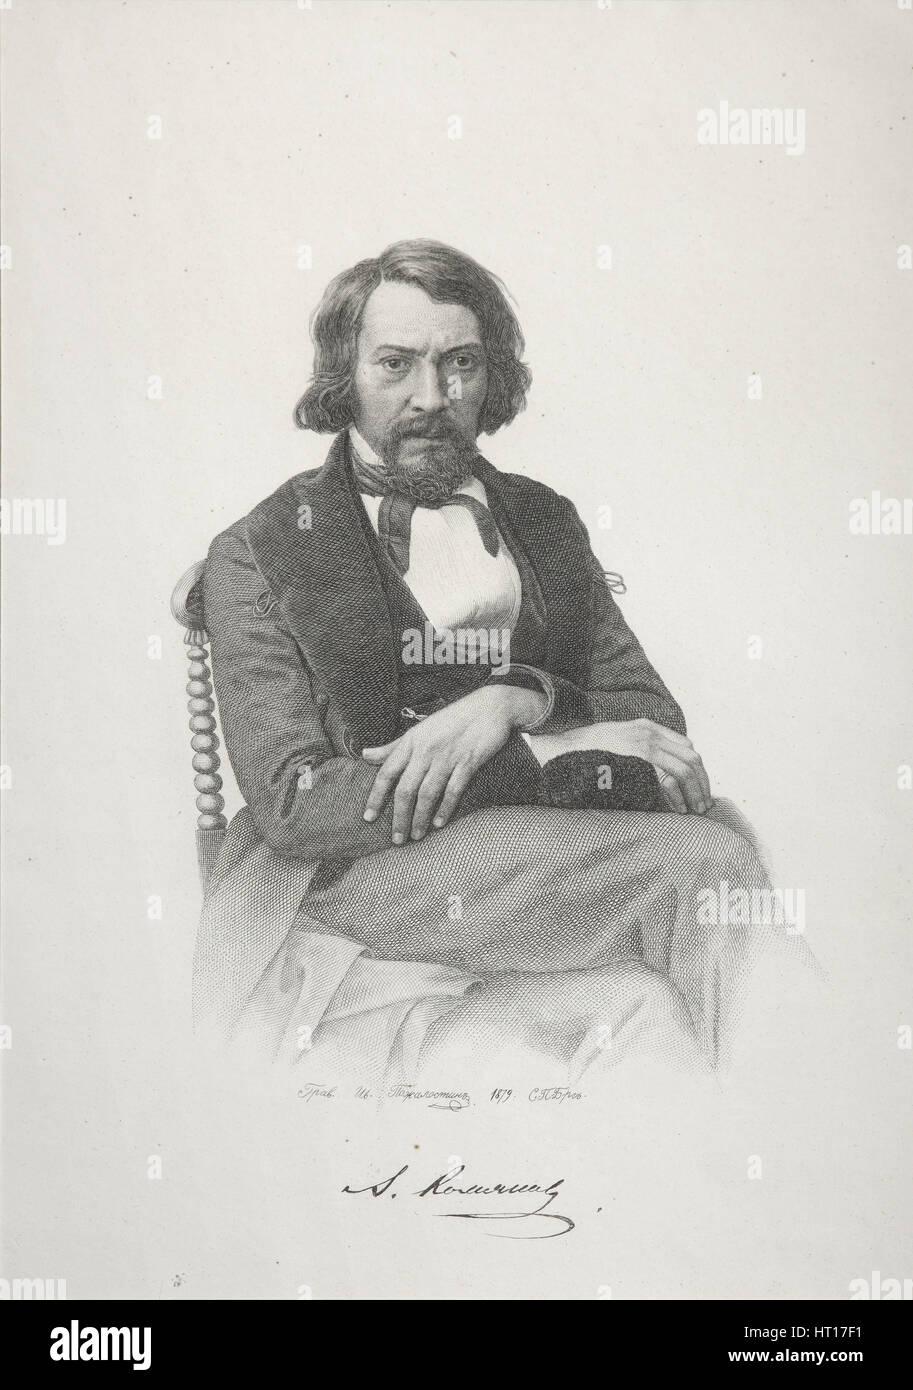 Portrait of Aleksey Stepanovich Khomyakov, 1879. Artist: Pozhalostin, Ivan Petrovich (1837-1909) - Stock Image